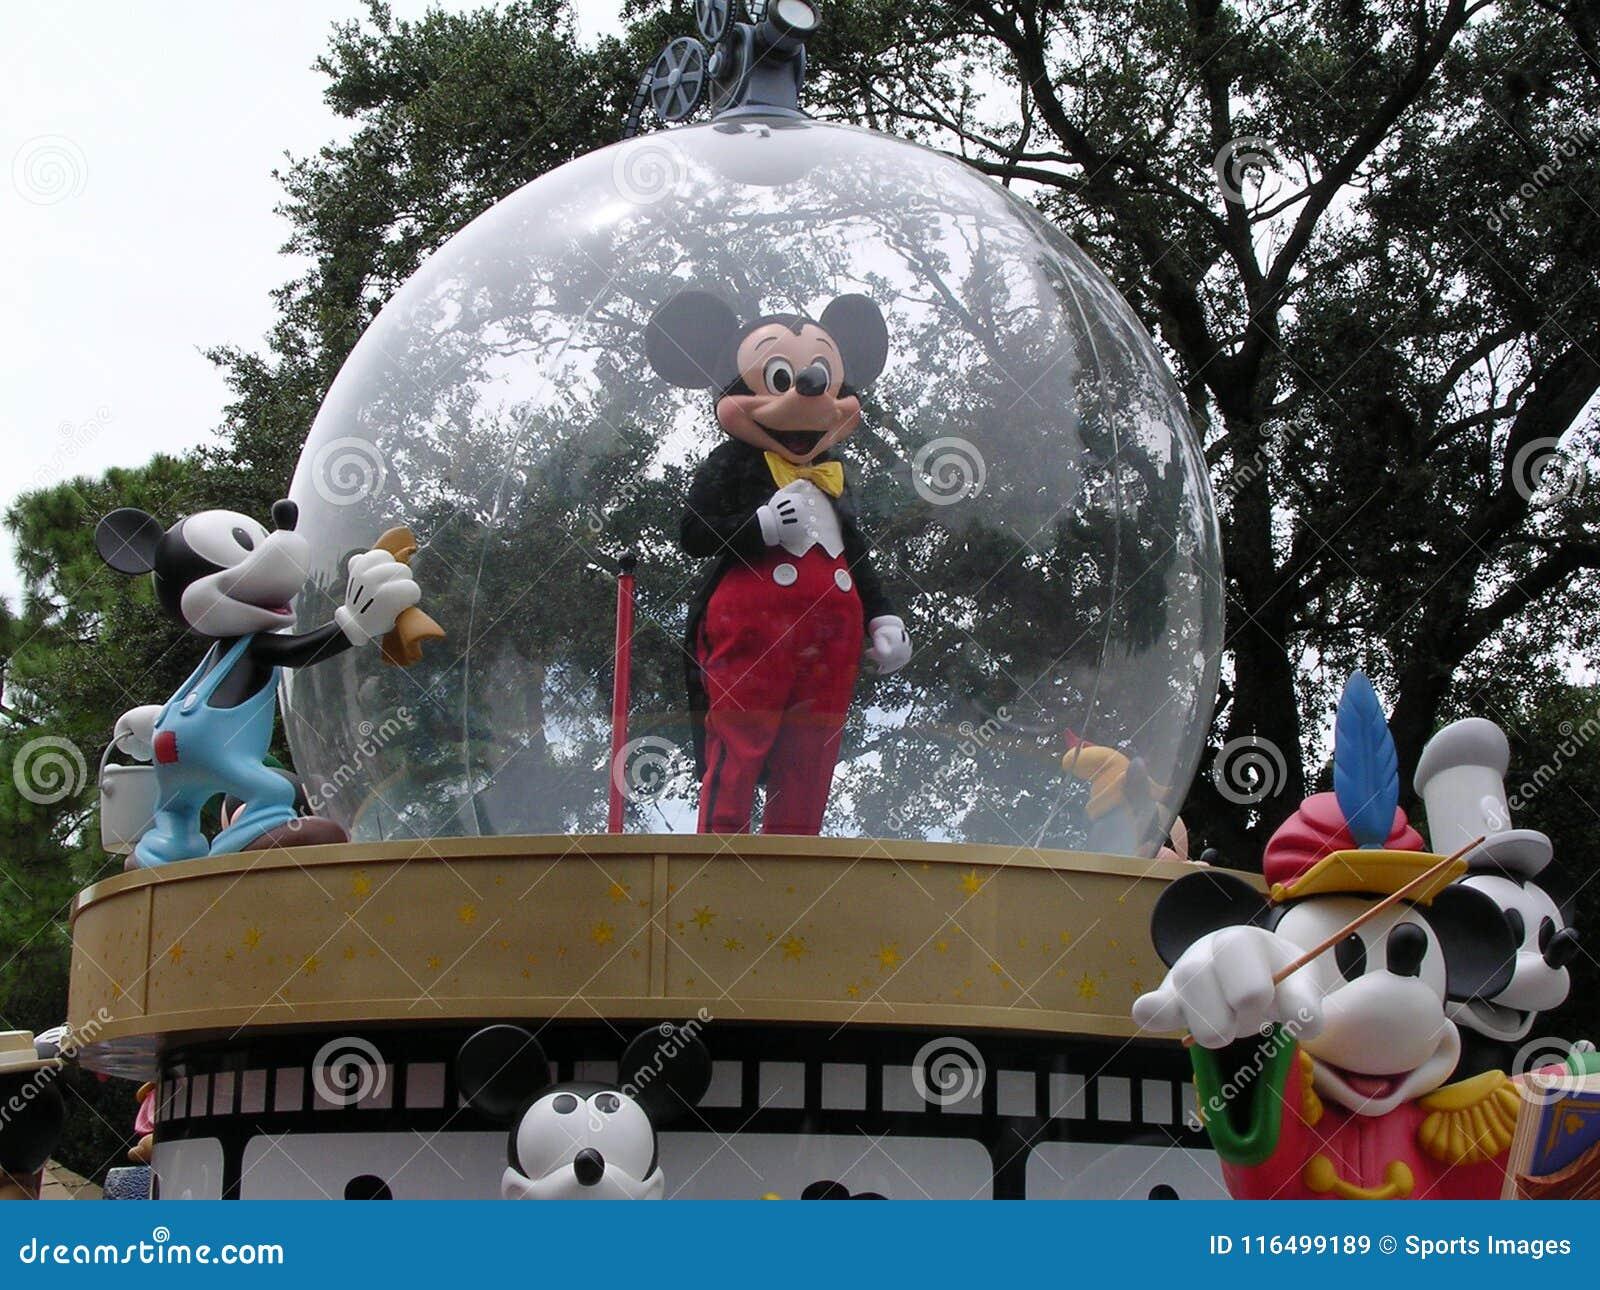 De Vlotter van de Parade van Mickey Mouse in de Wereld van Disney